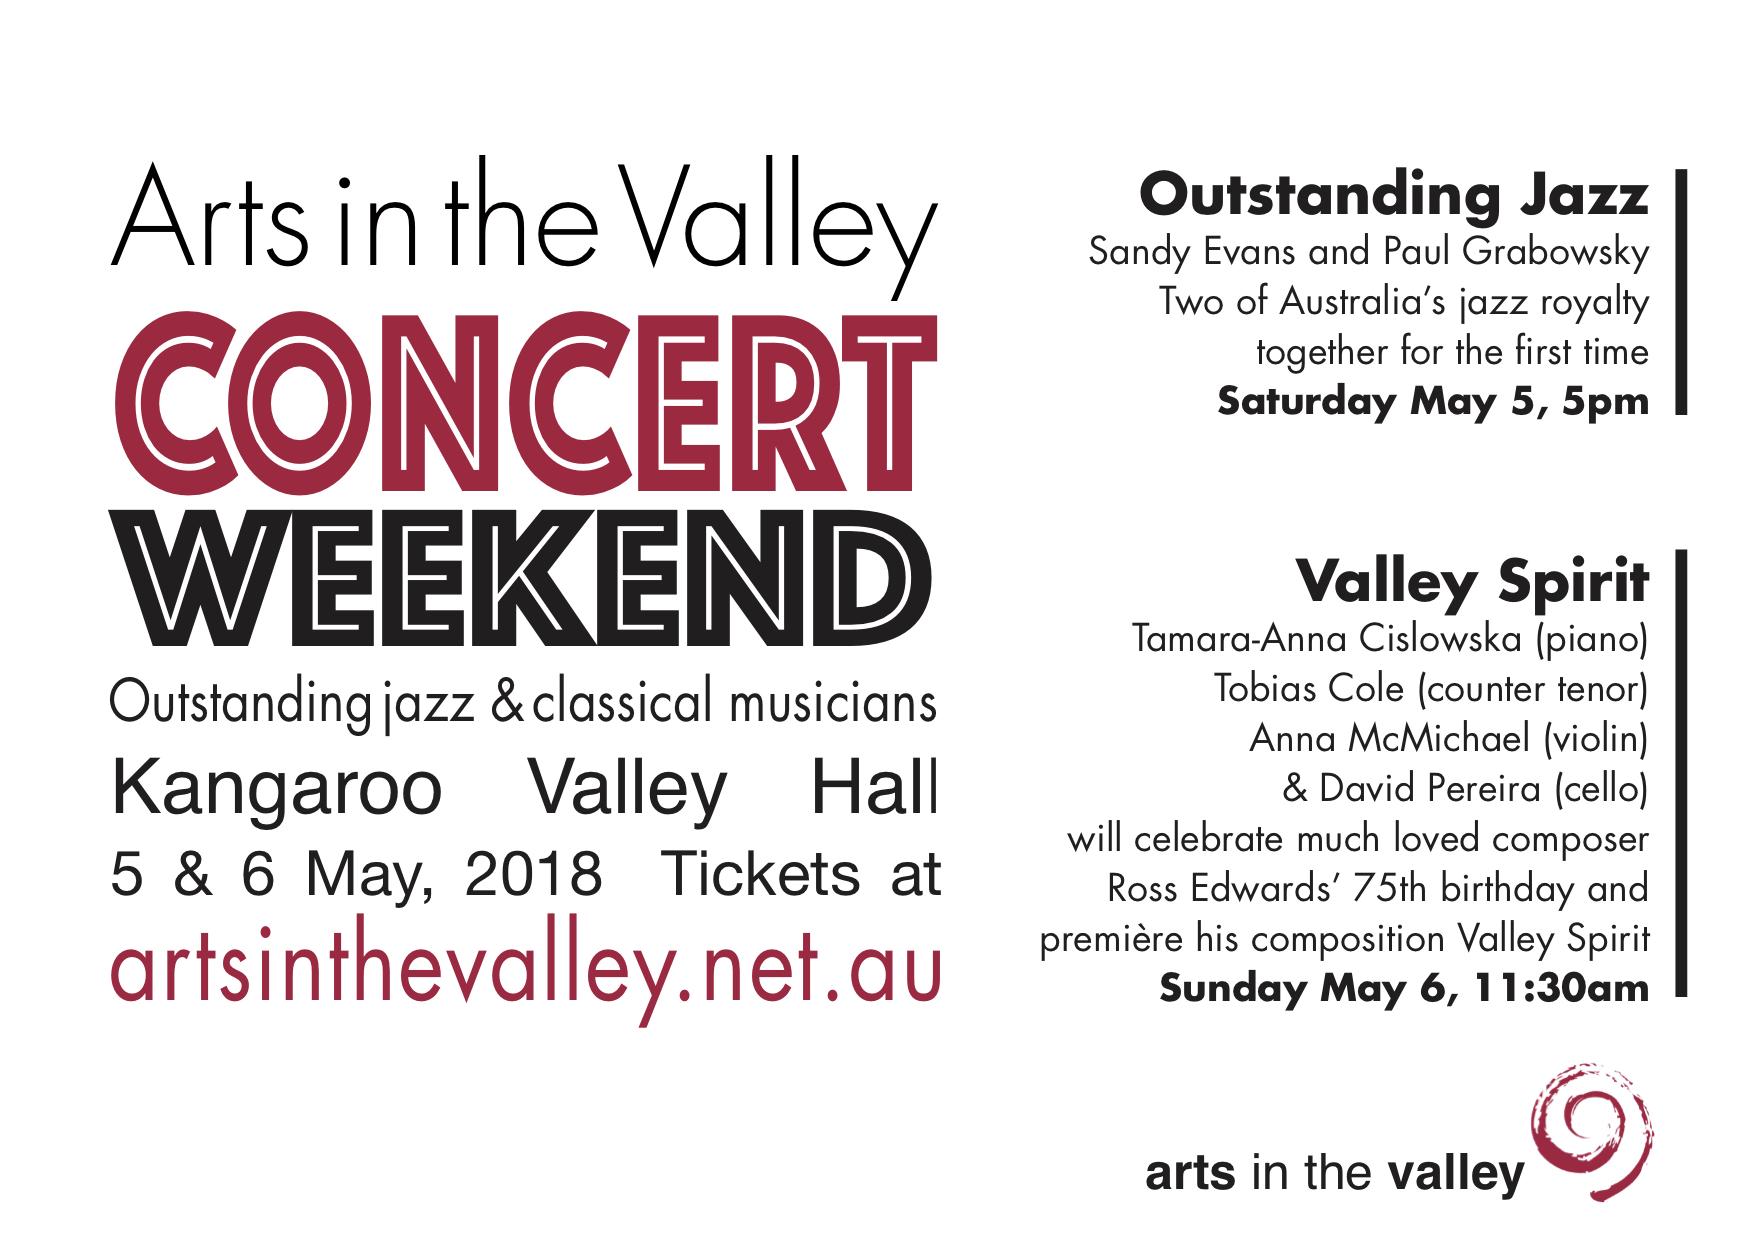 Arts in the Valley Concert Weekend @ Kangaroo Valley